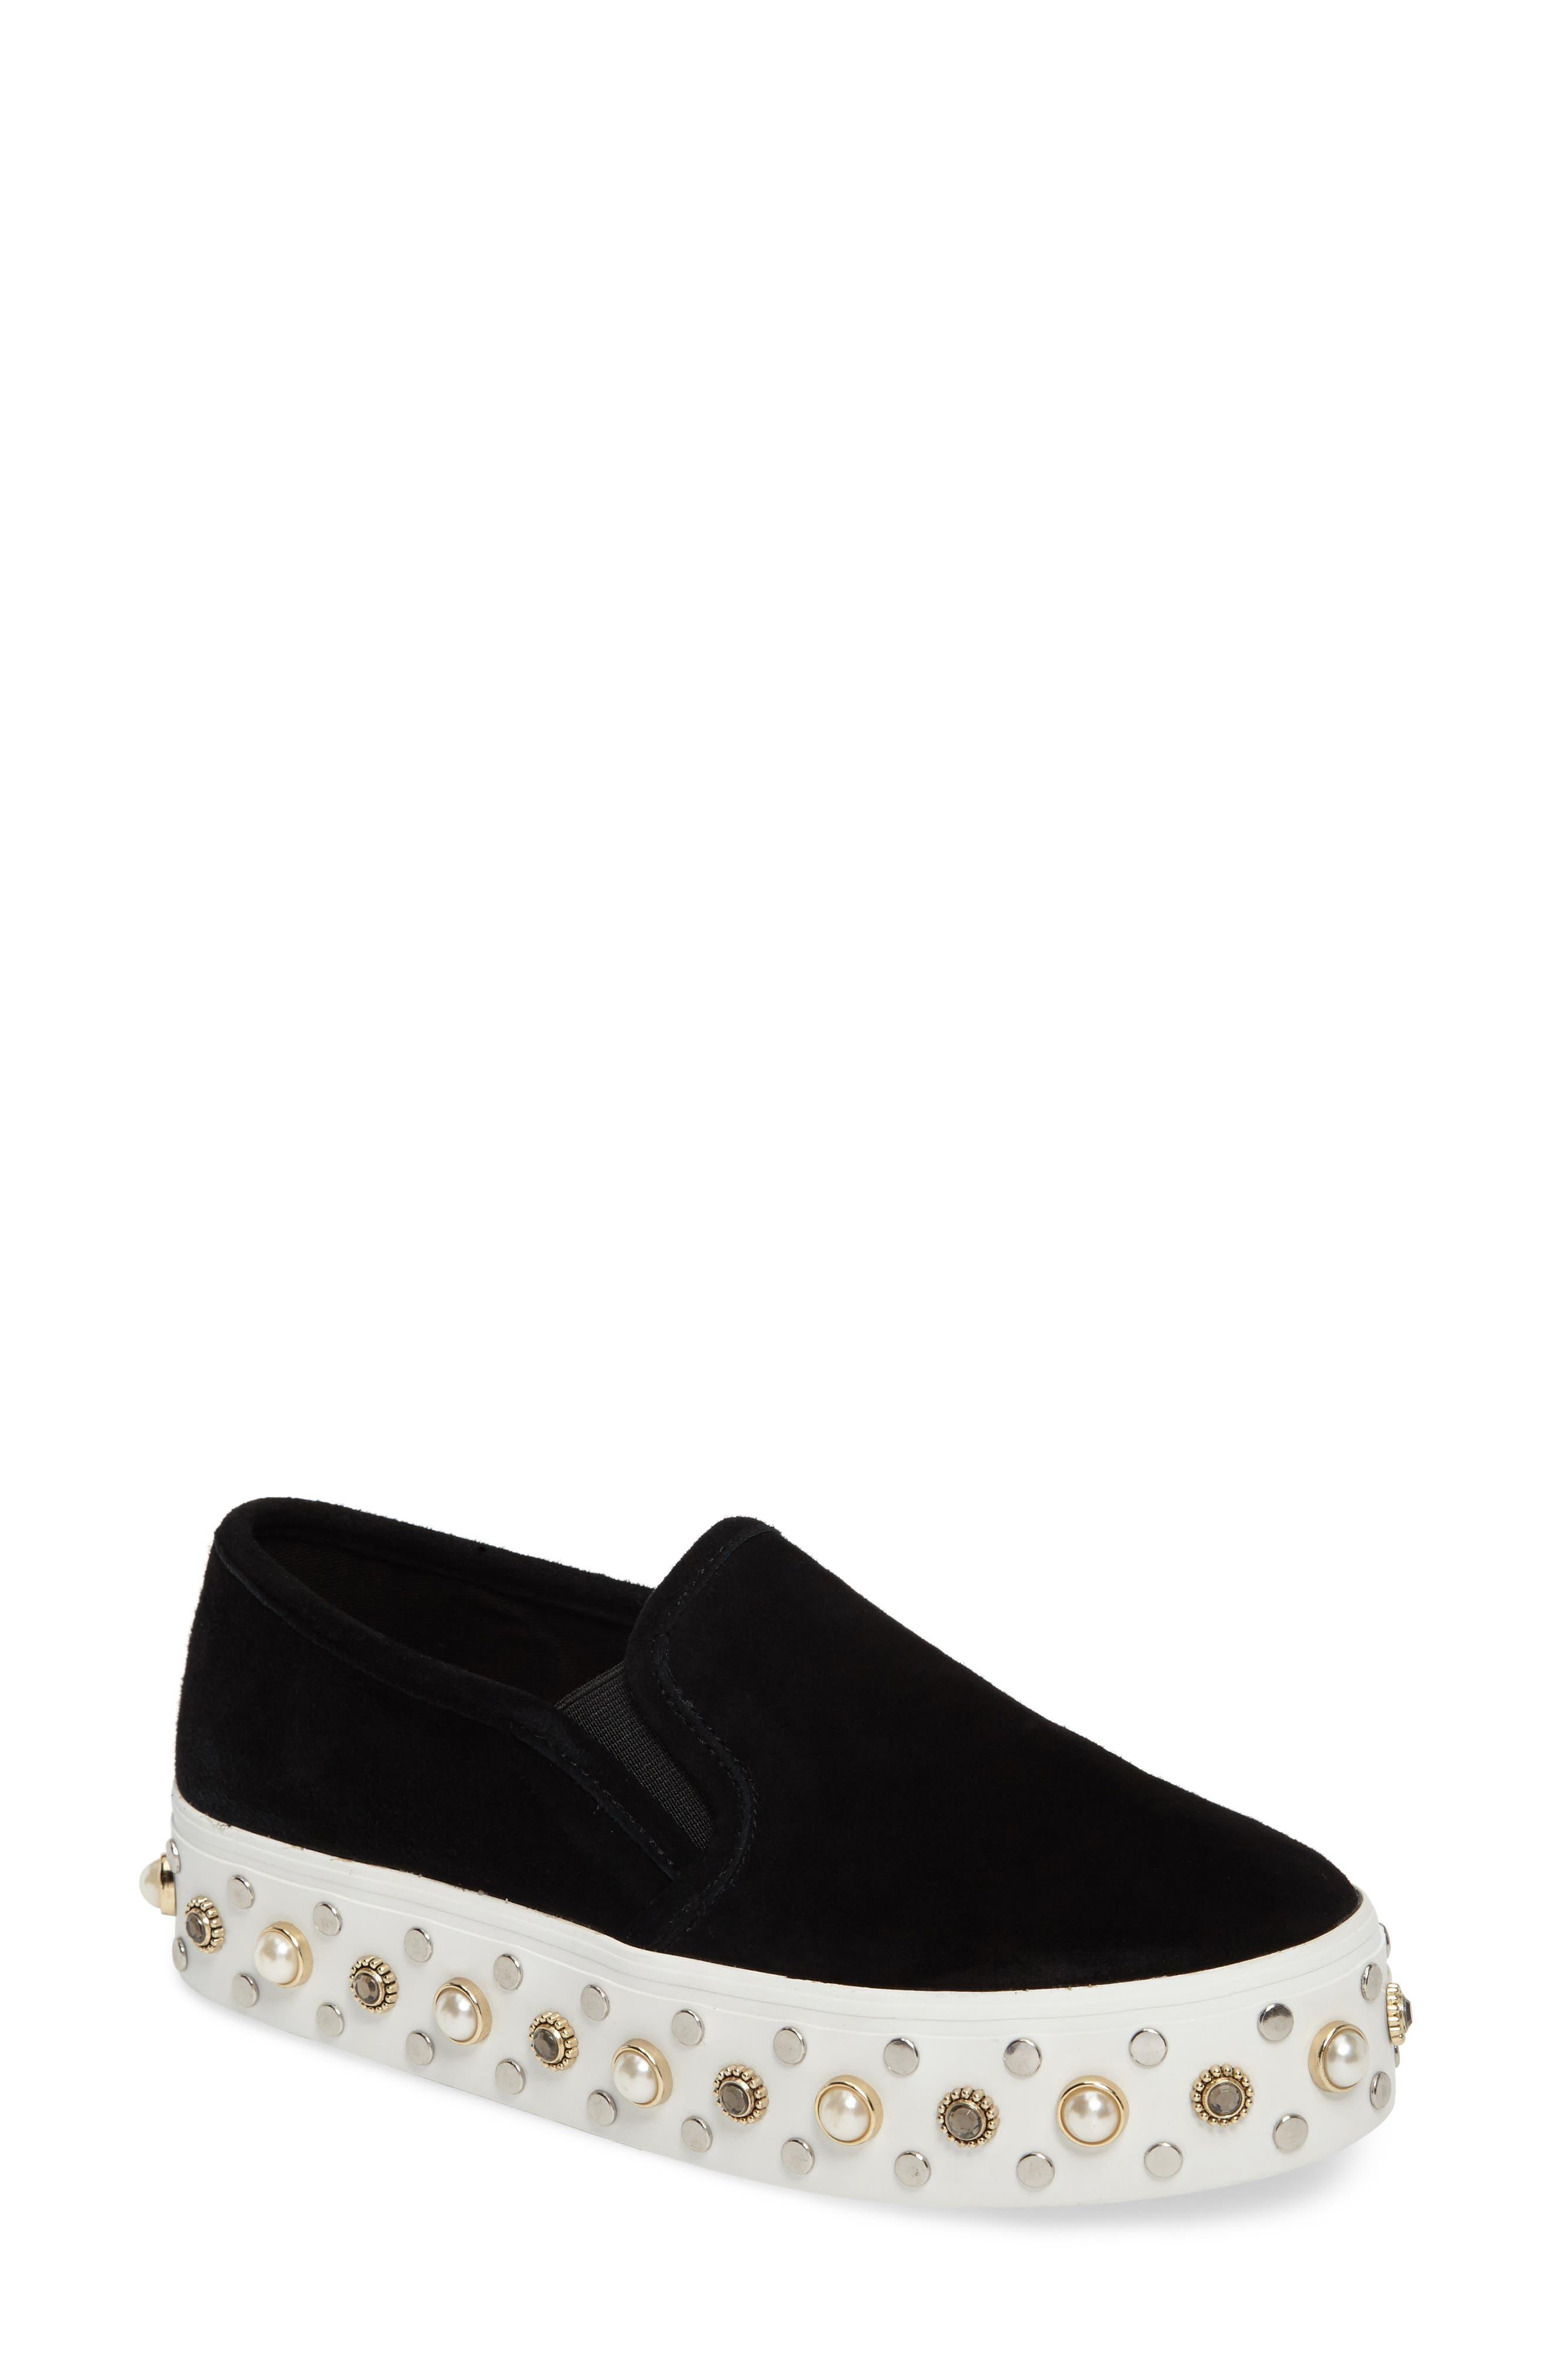 STEVE MADDEN Glitzy Slip-On Sneaker